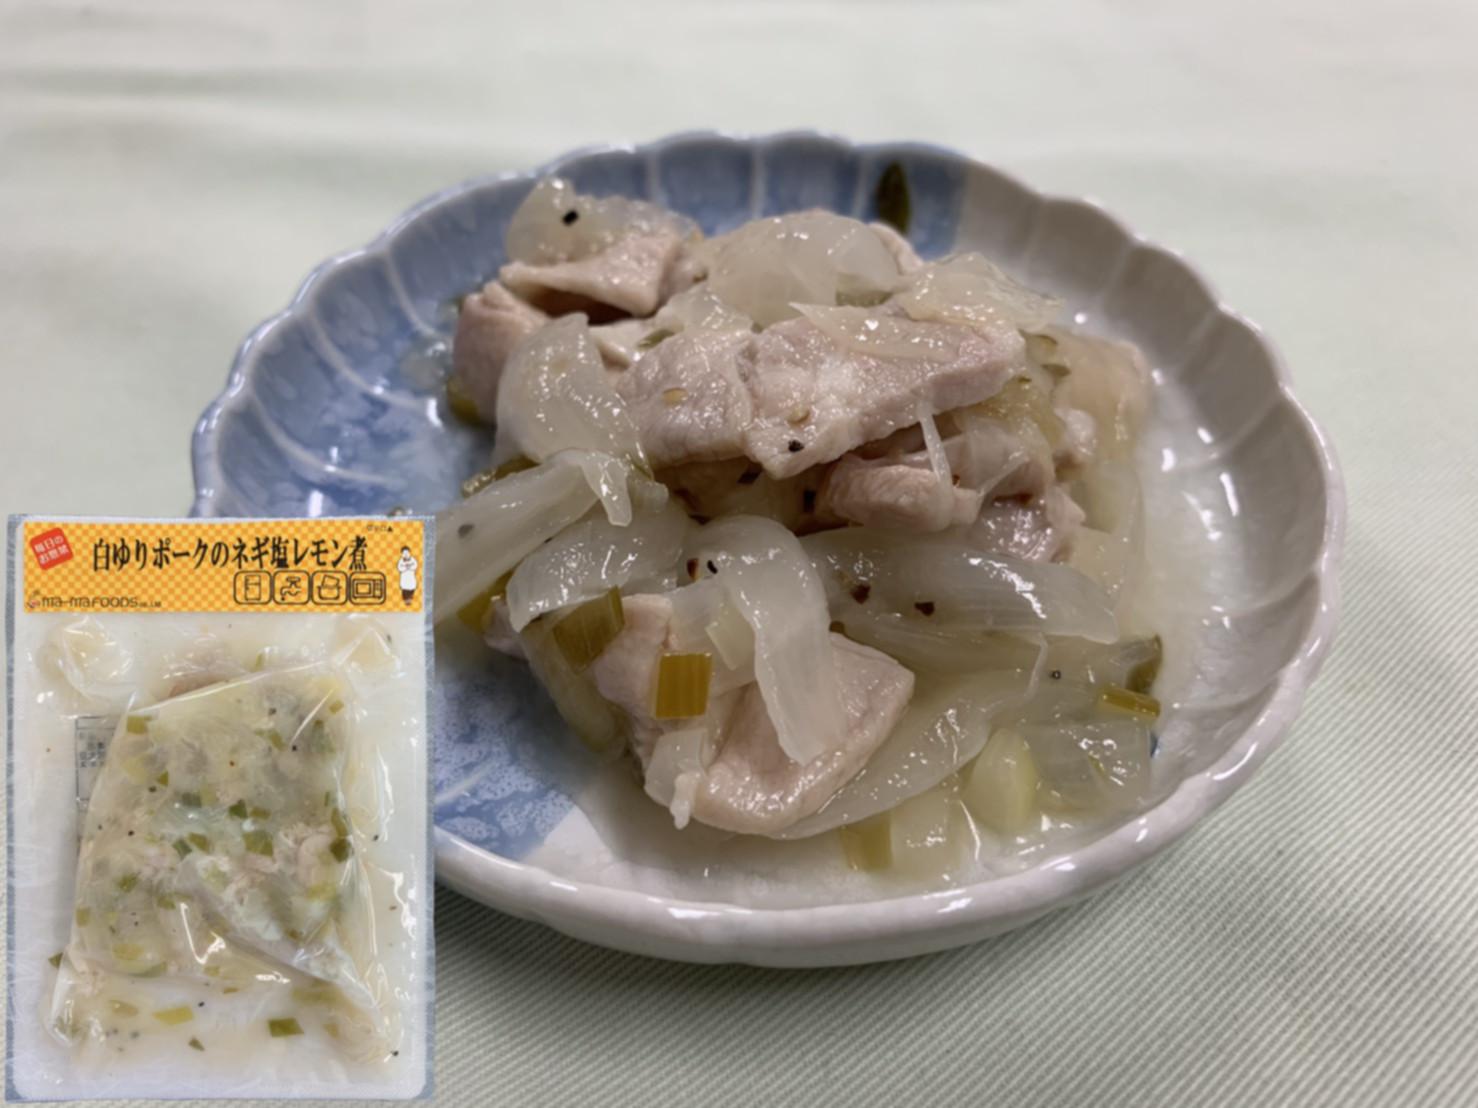 白ゆりポークのネギ塩レモン煮